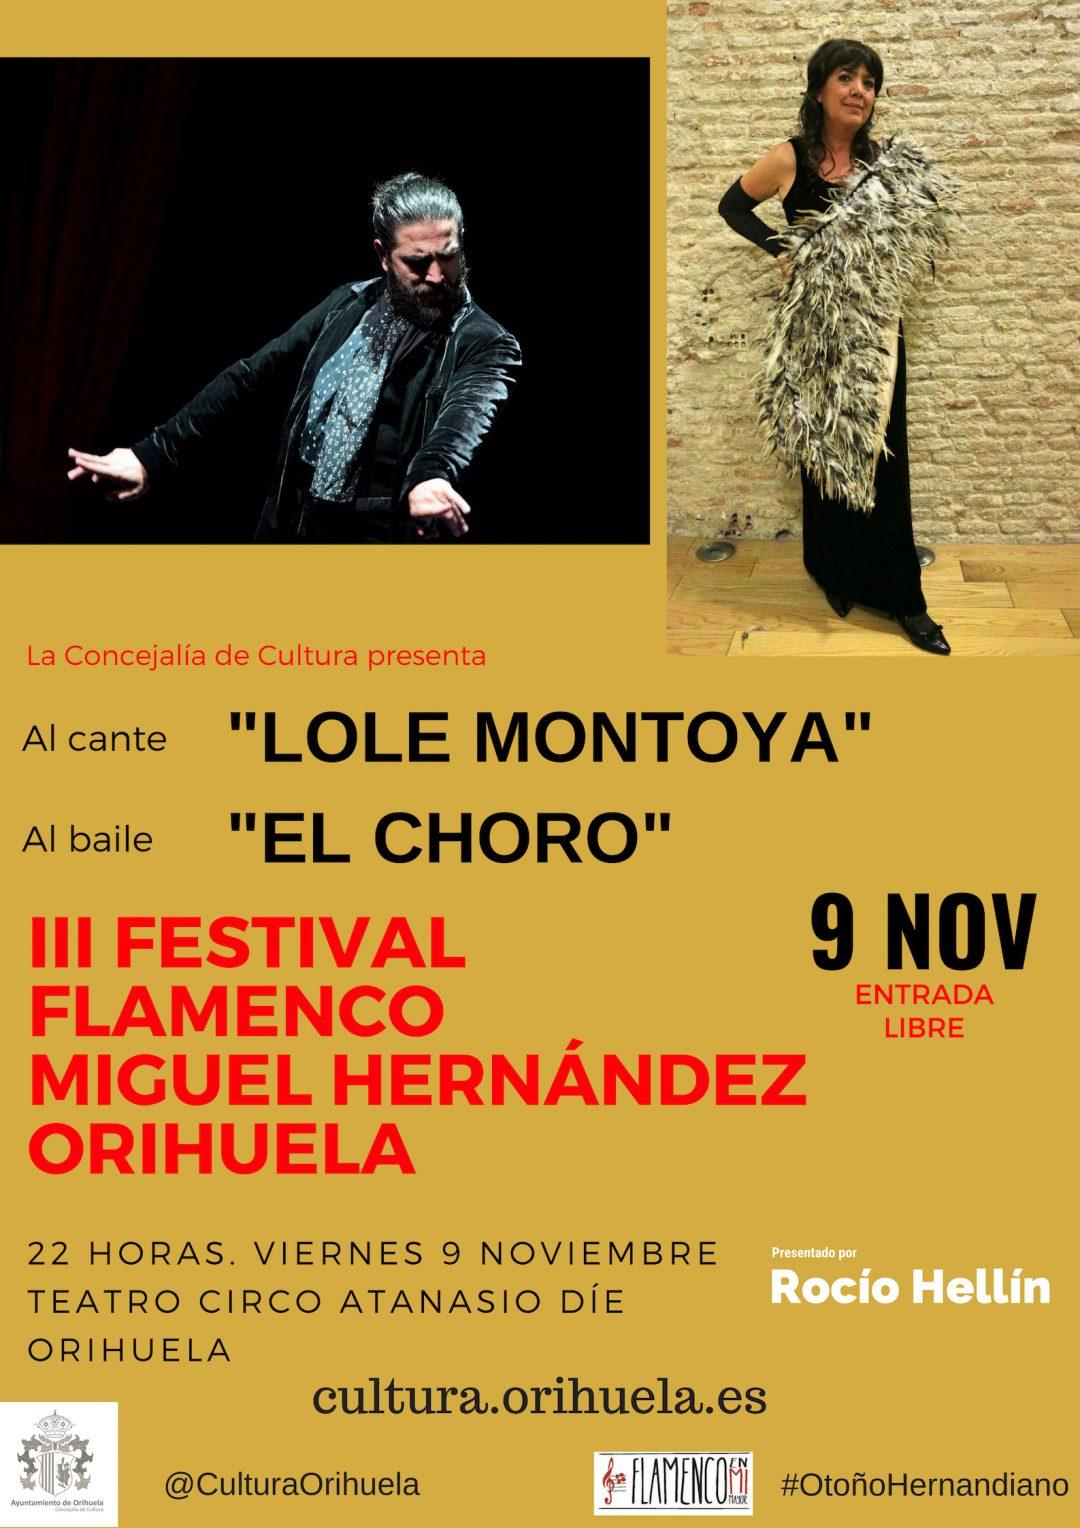 III Festival de Flamenco Miguel Hernández